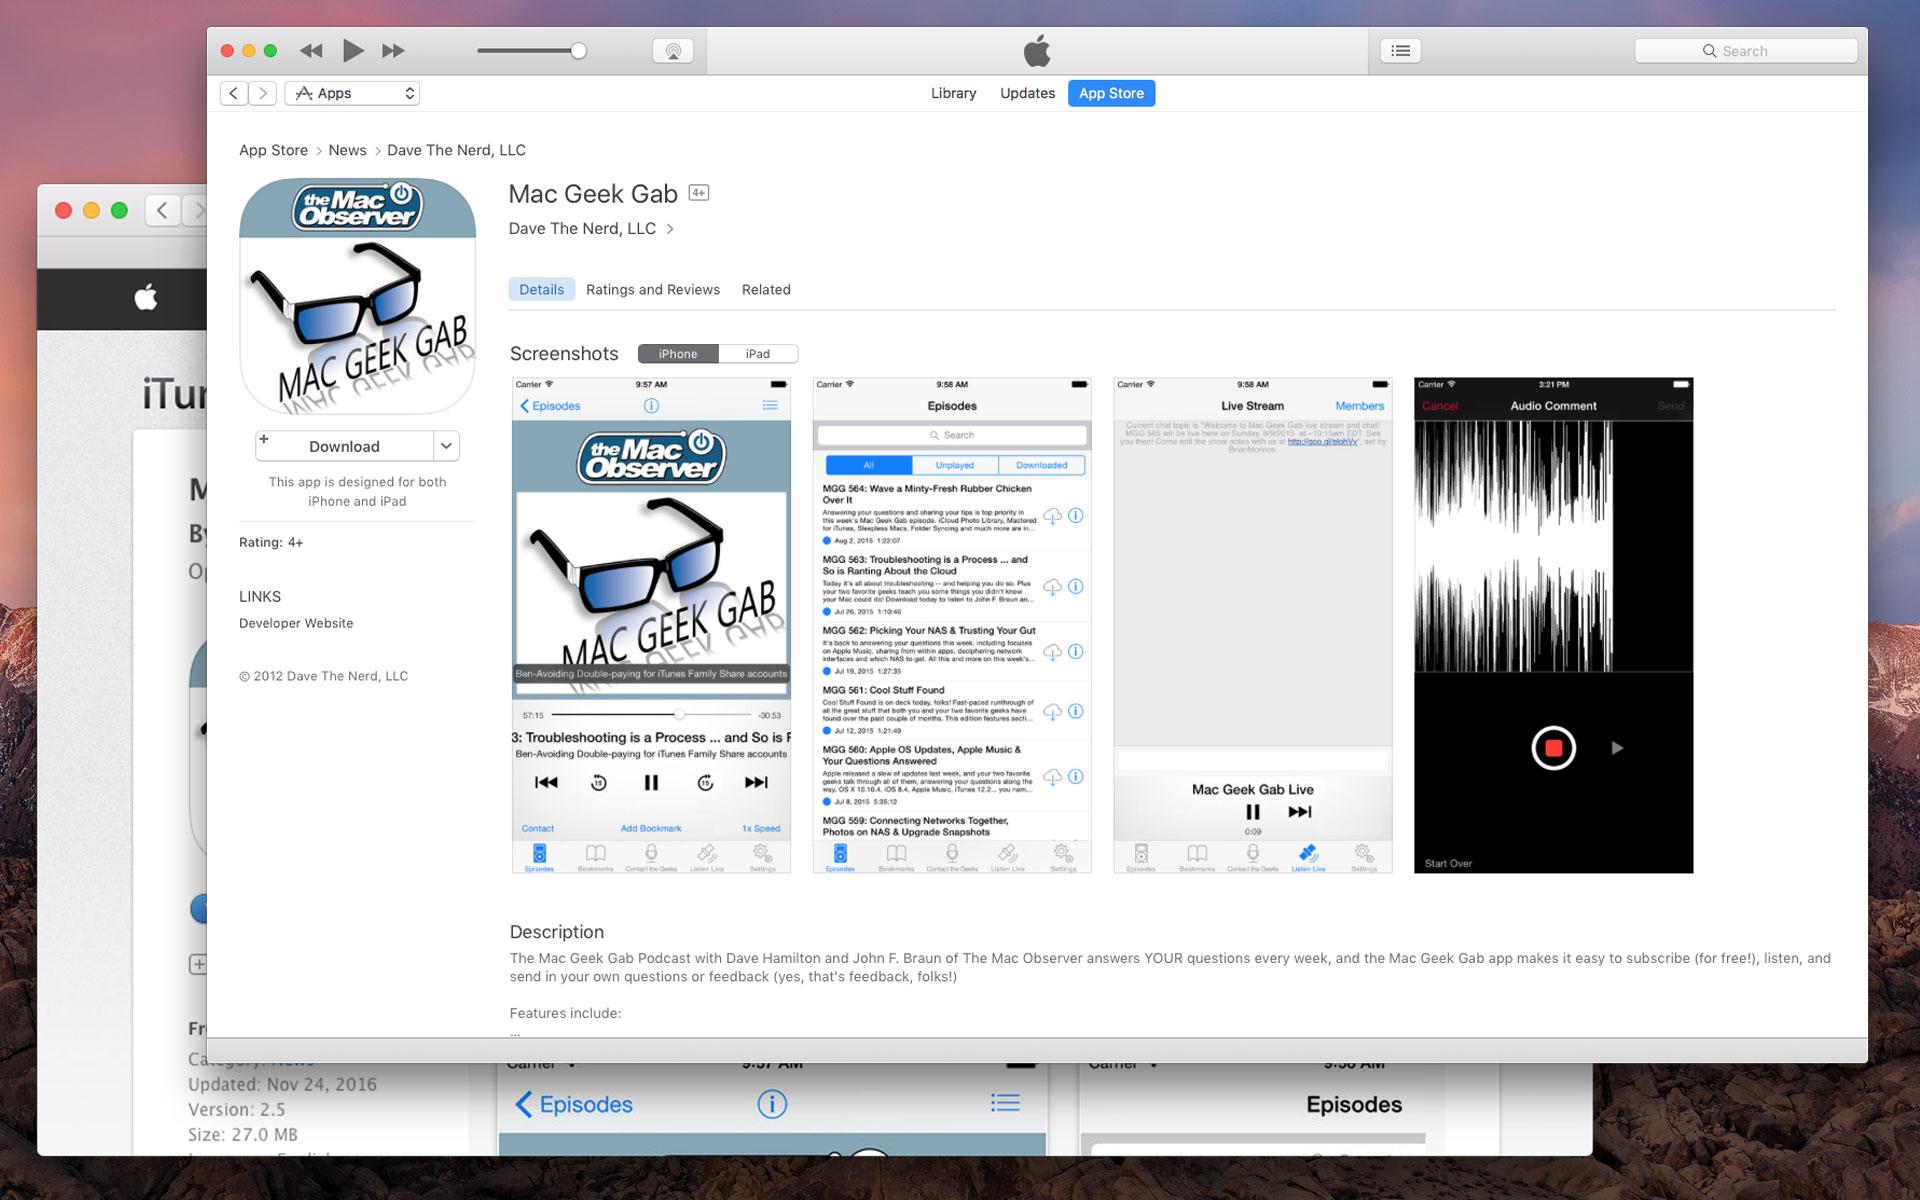 app store website itunes